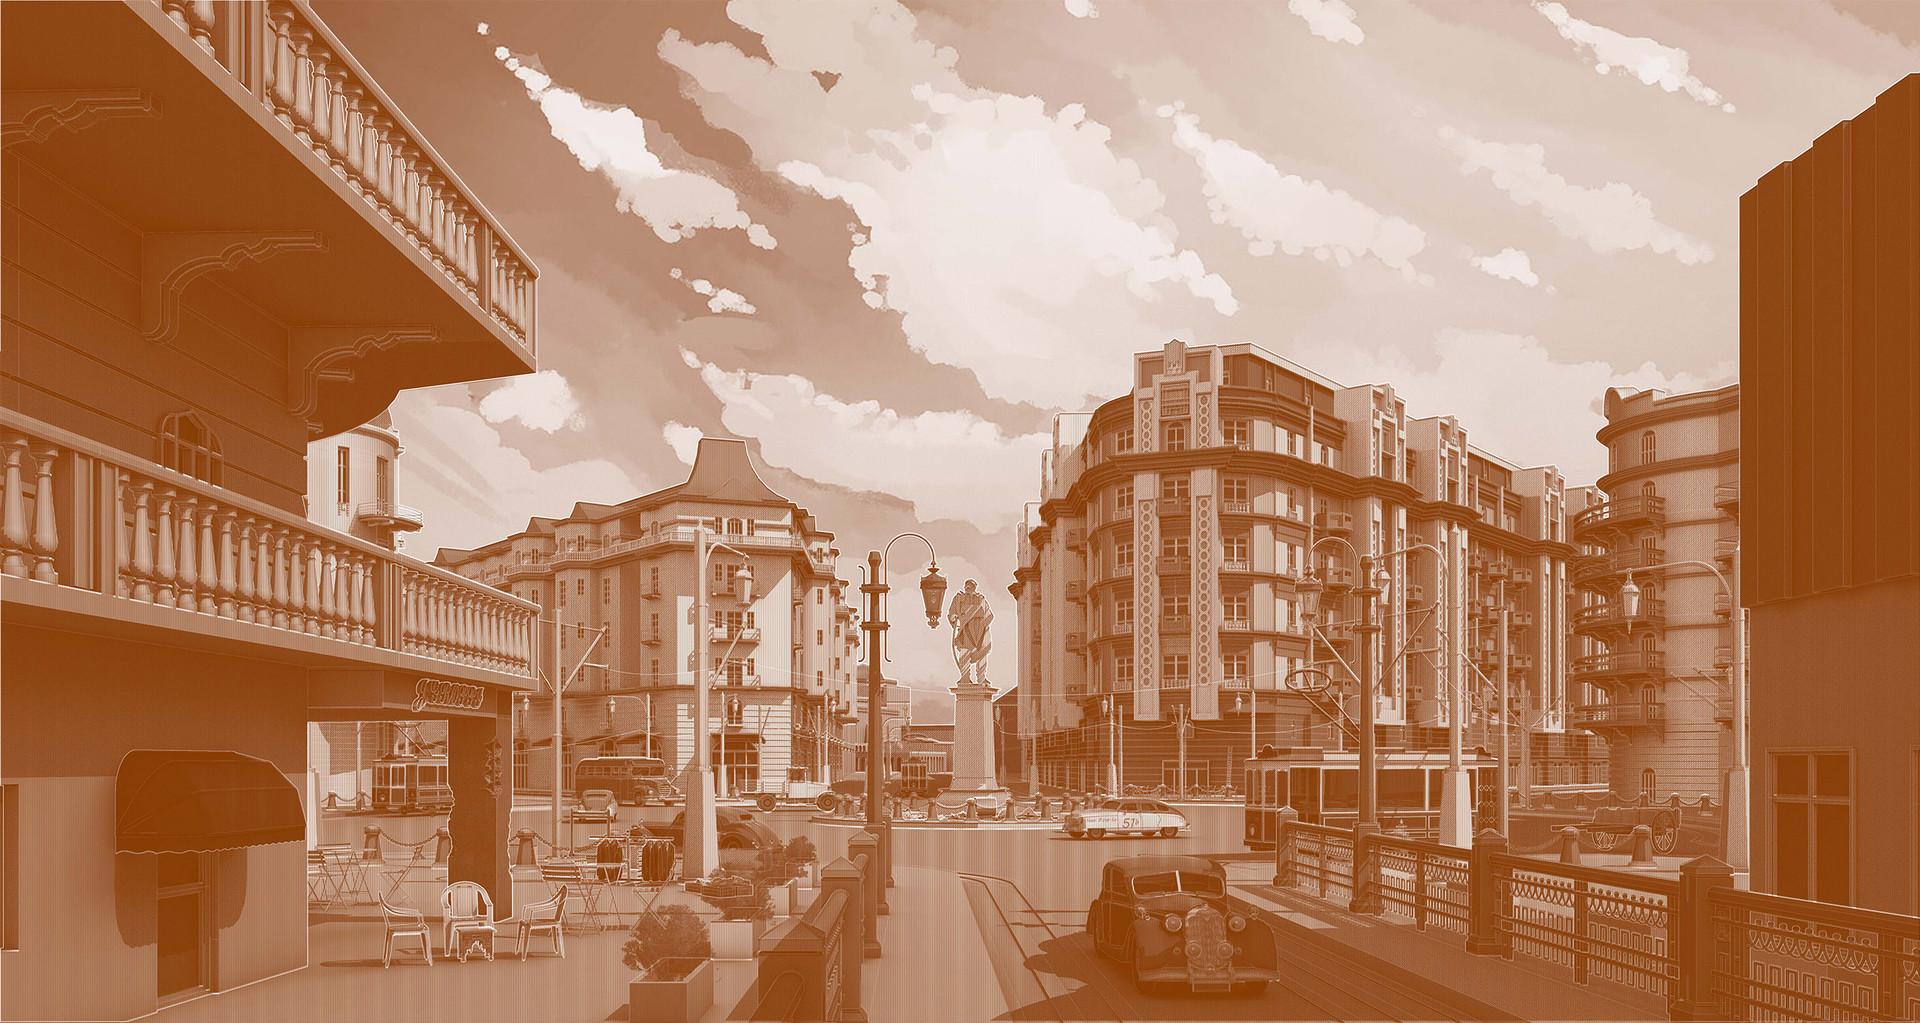 Belle Epoch Downtown Cairo. Ranchod, K. Unit 18. 2020.